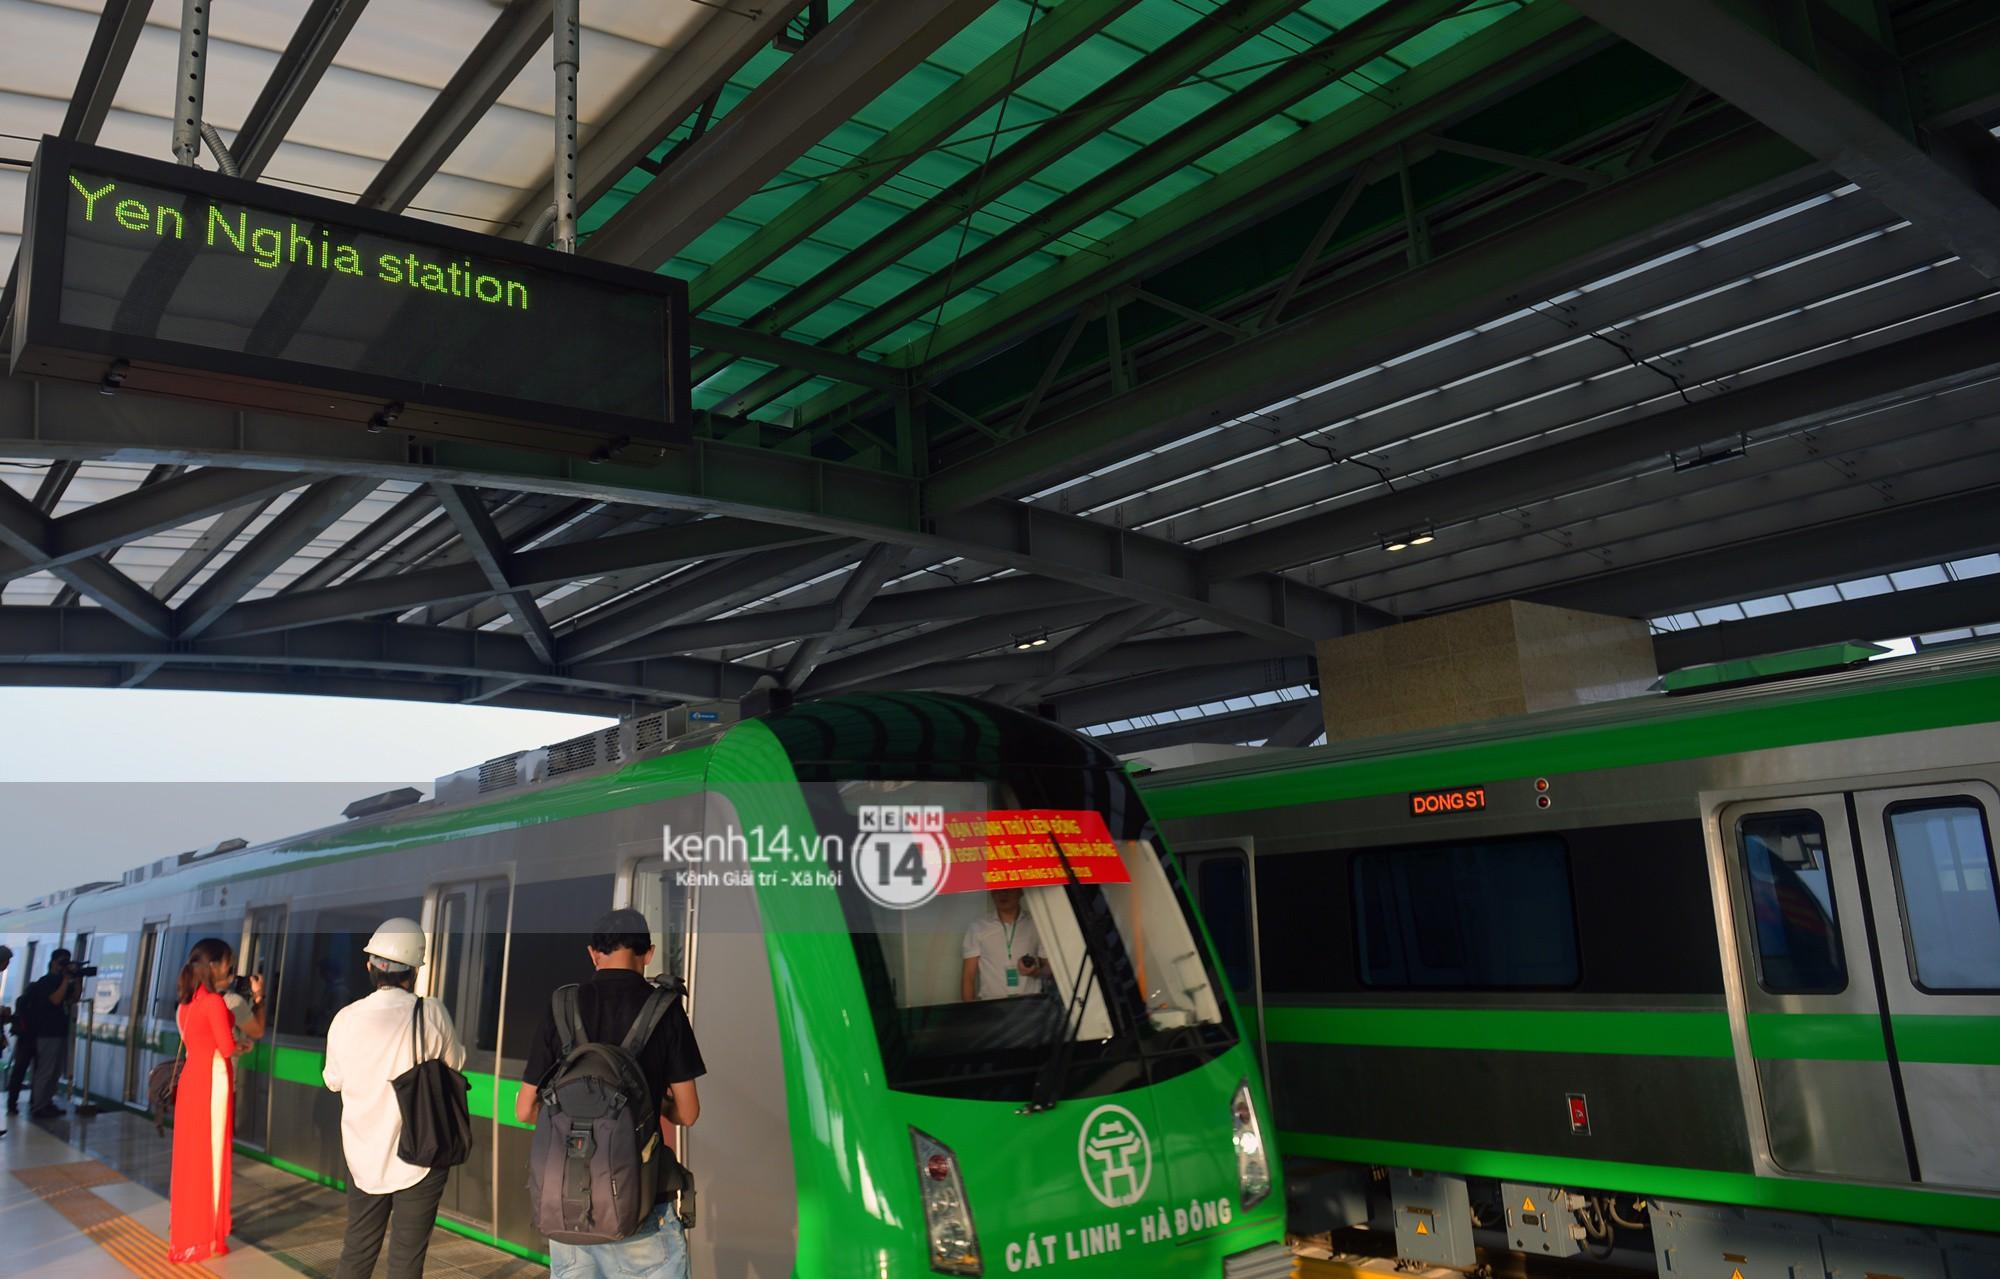 Trải nghiệm tàu đường sắt trên cao Cát Linh - Hà Đông ngày chạy thử - Ảnh 6.